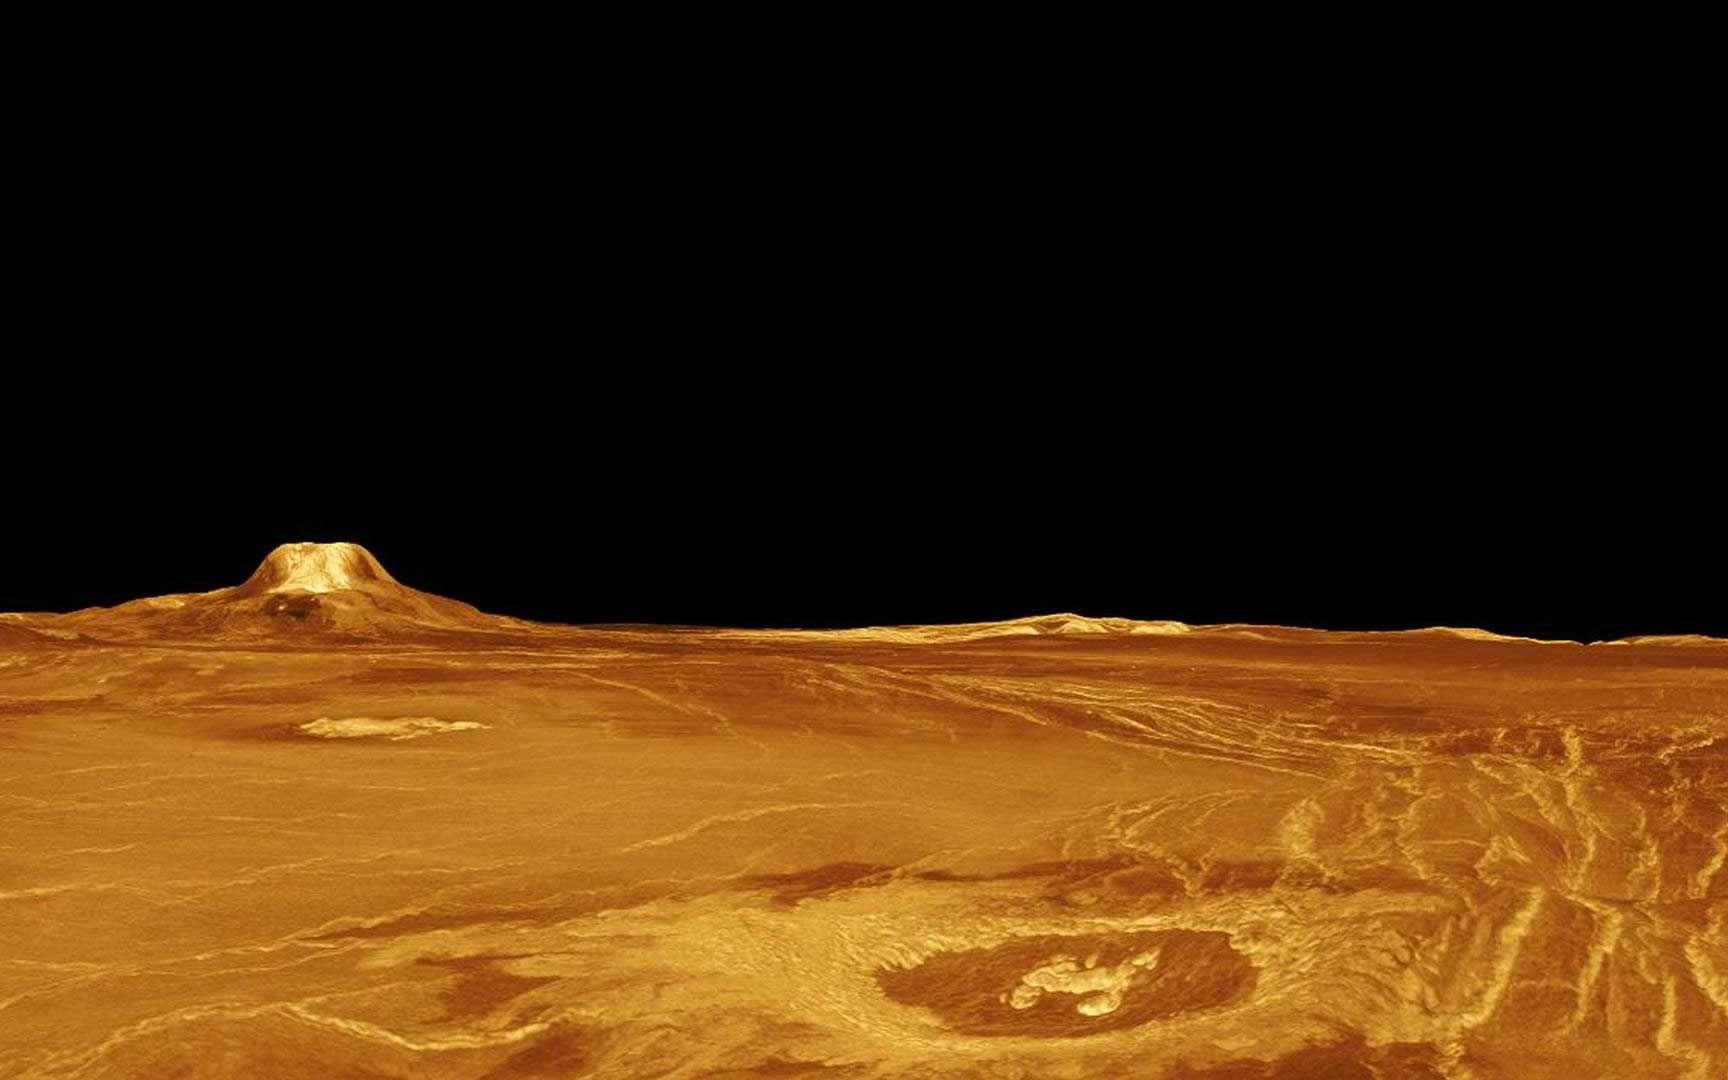 Venus Quel Ordinateur Survivrait A Ses Conditions Extremes